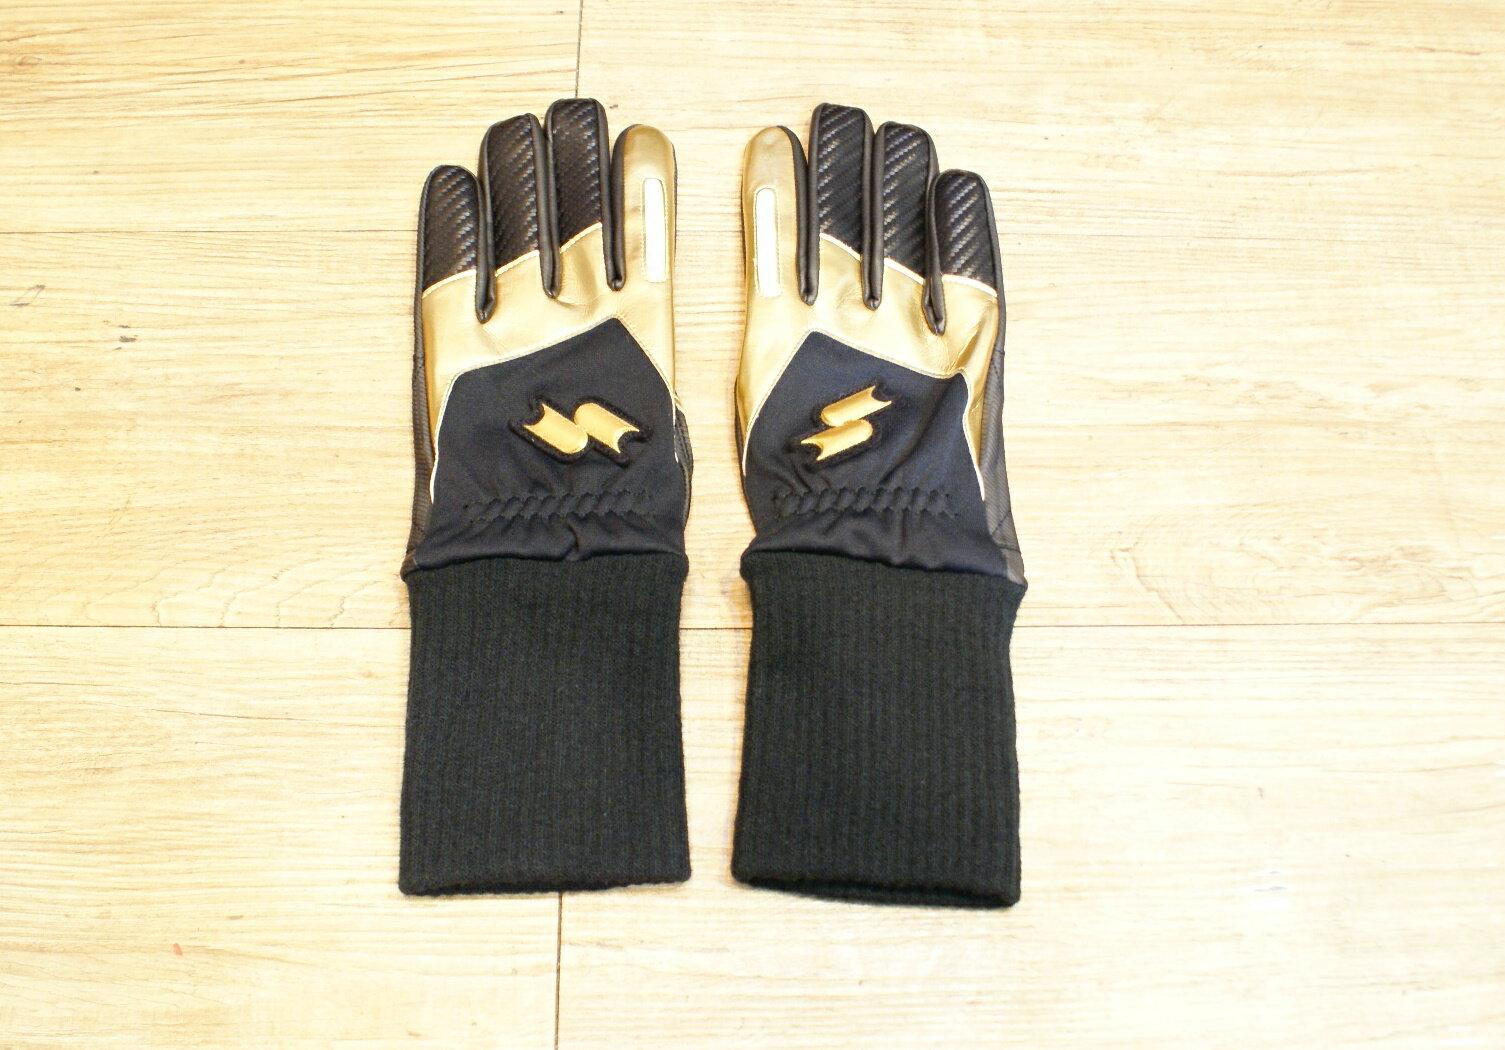 棒球世界全新SSK日本進口防寒手套 特價 黑金配色